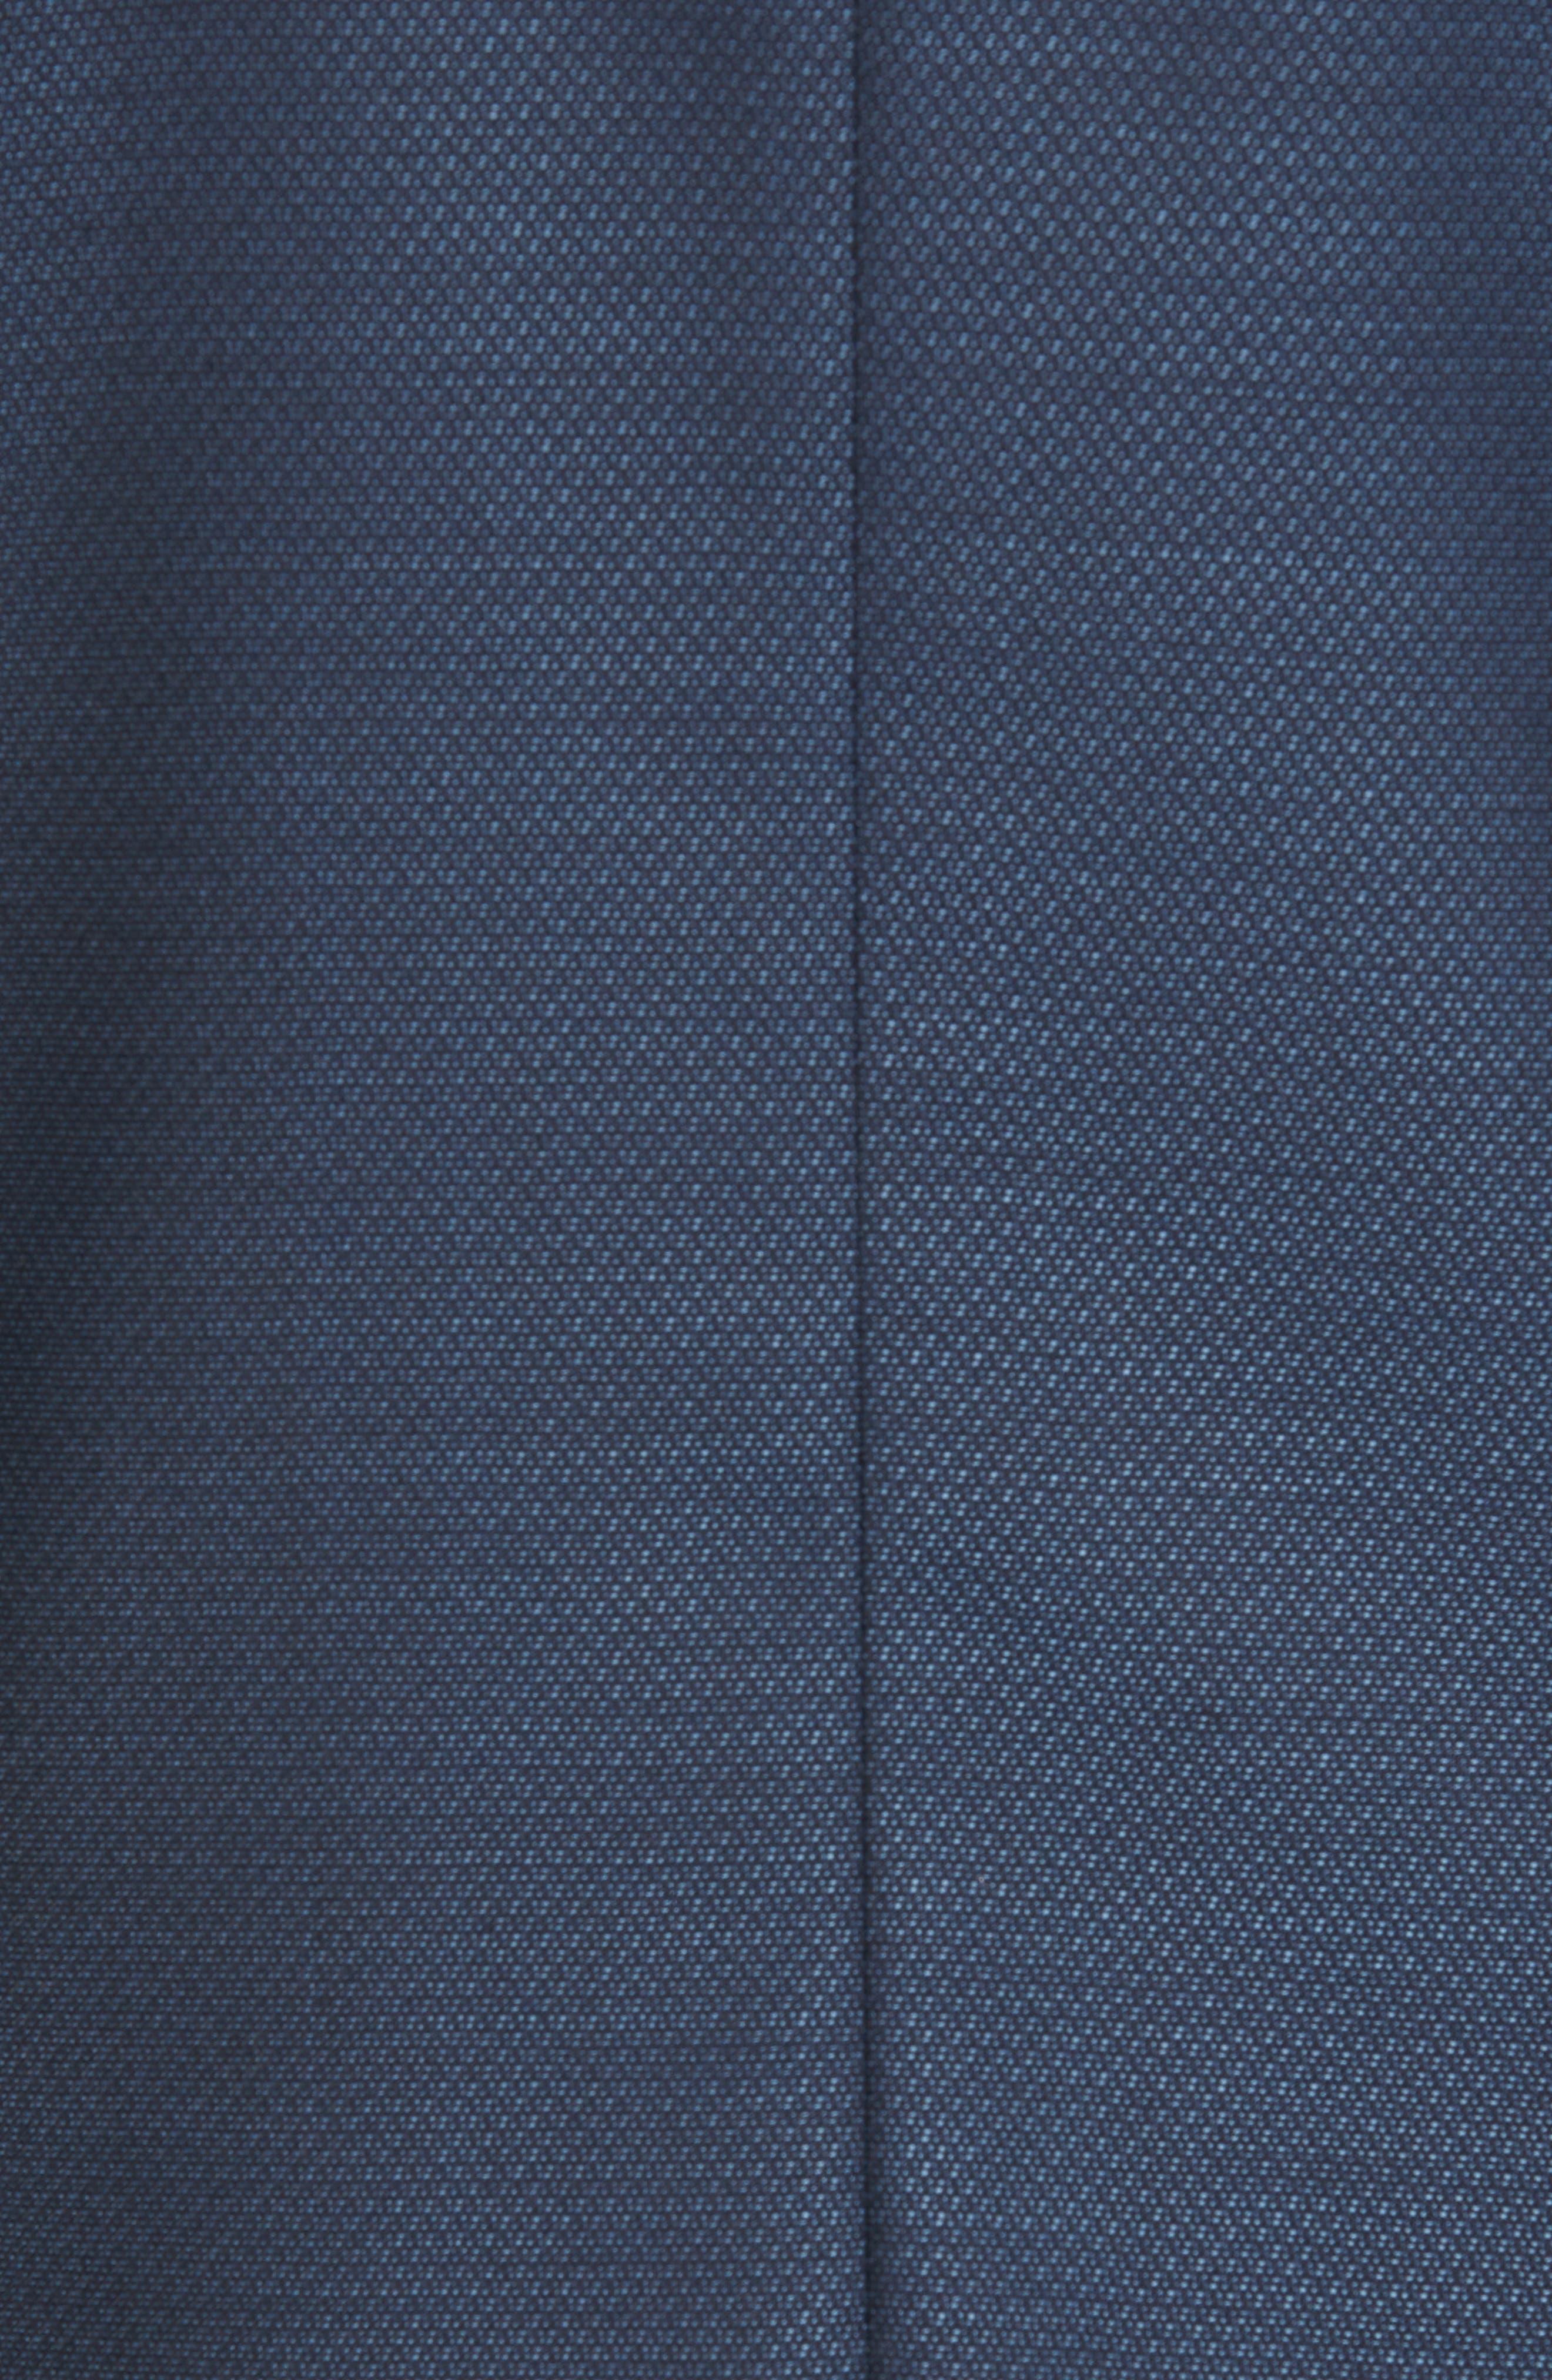 Nobis Trim Fit Wool Blazer,                             Alternate thumbnail 6, color,                             BLUE